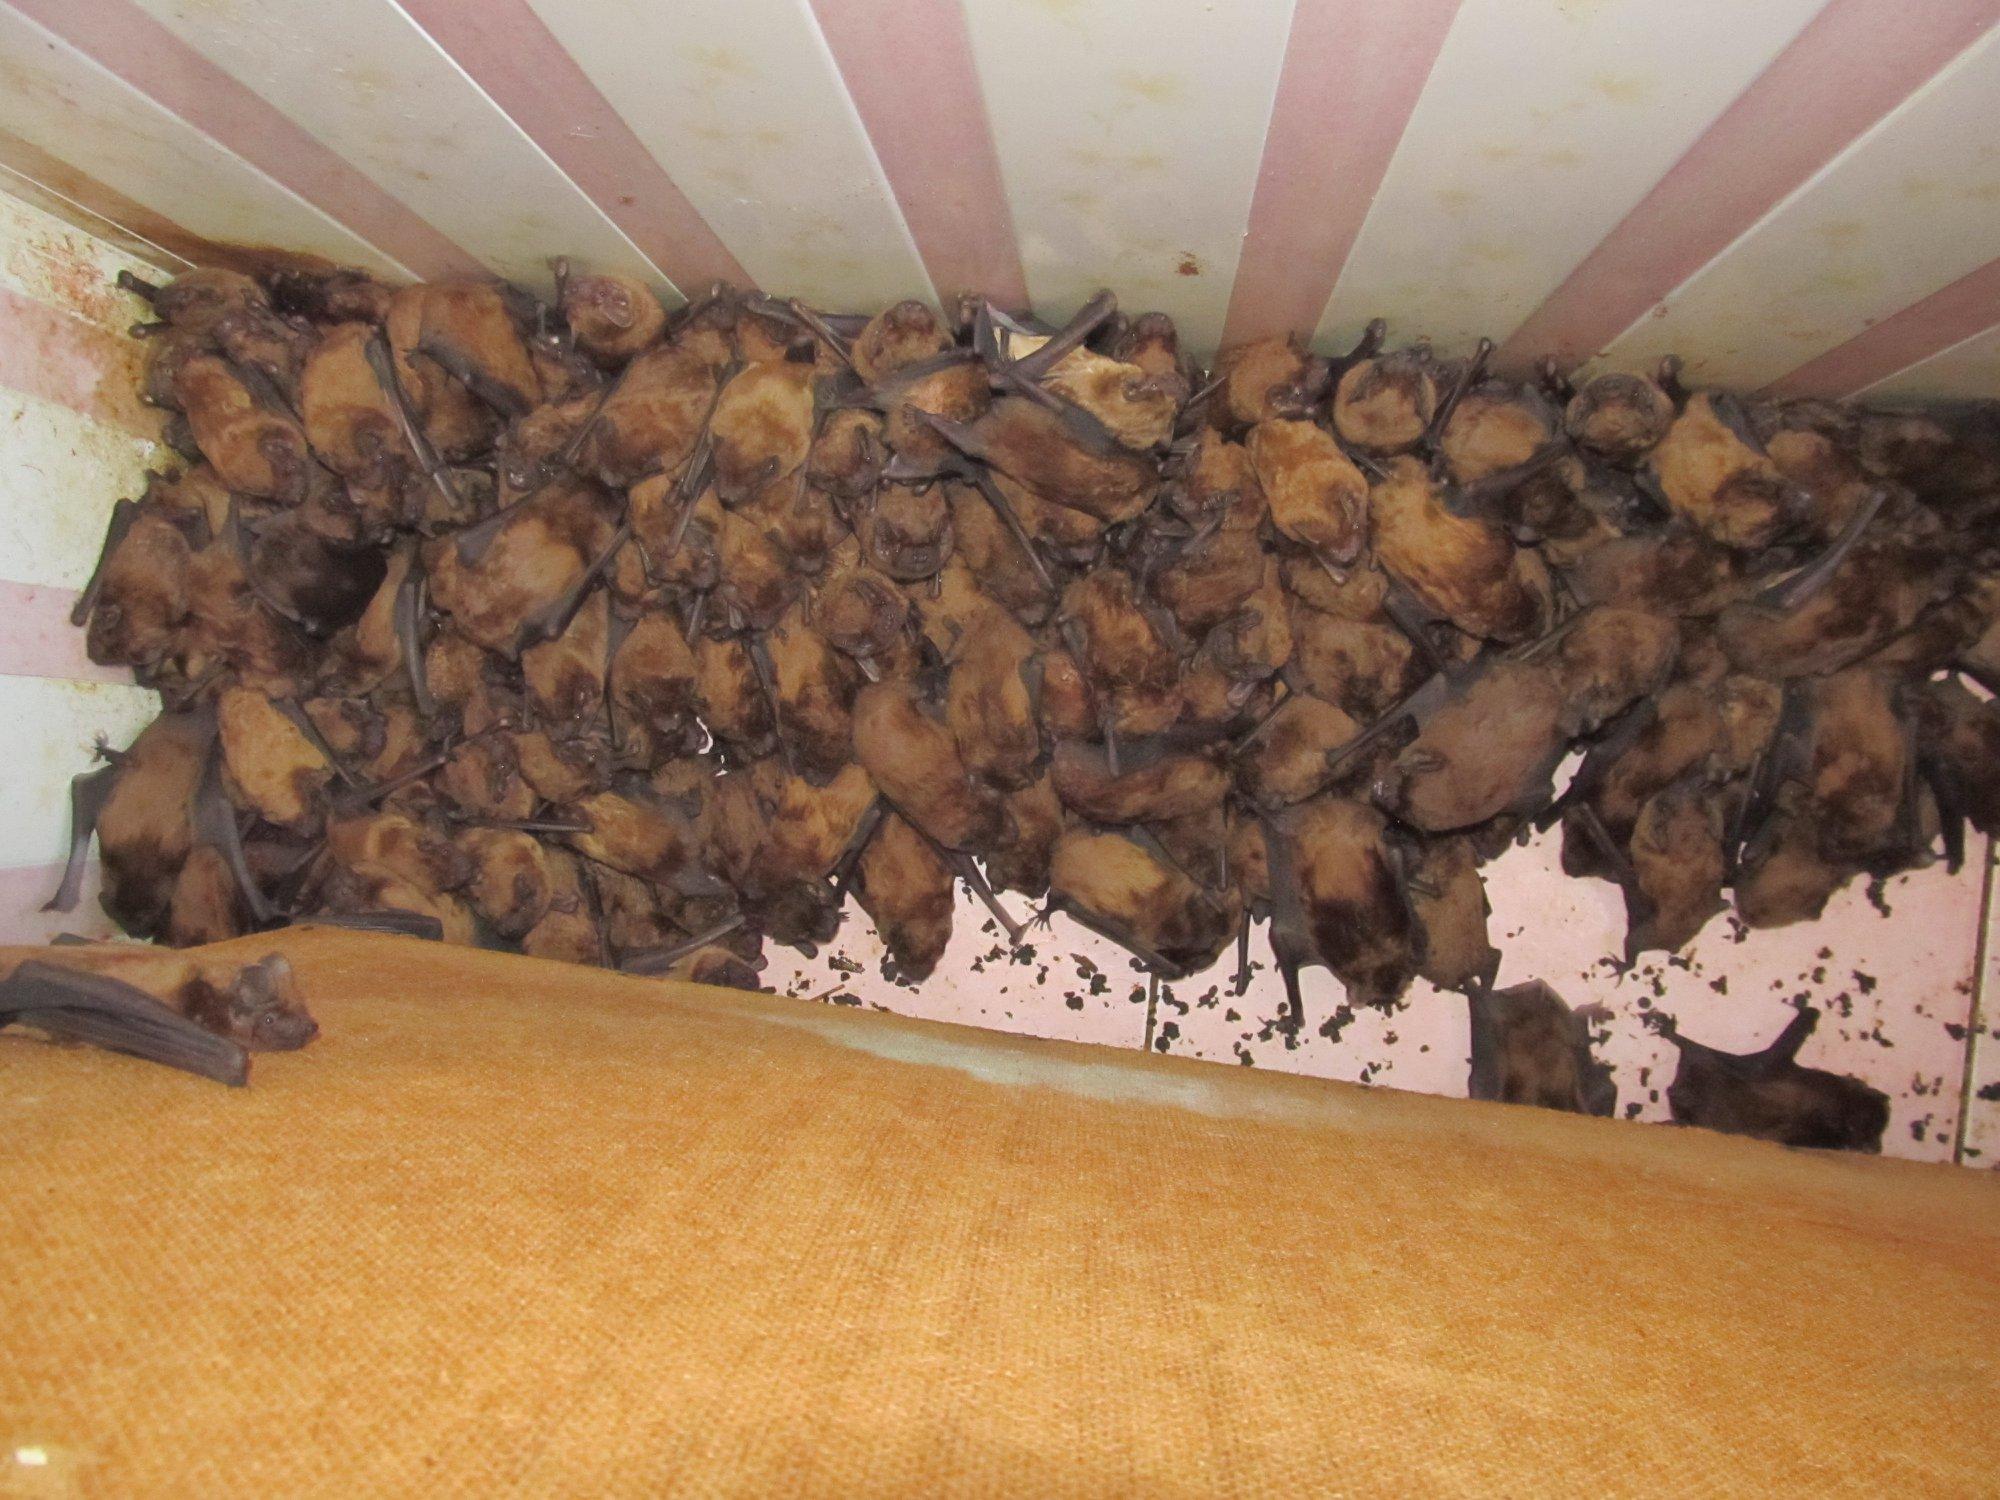 Во львовской квартире нашли 1700 летучих мышей